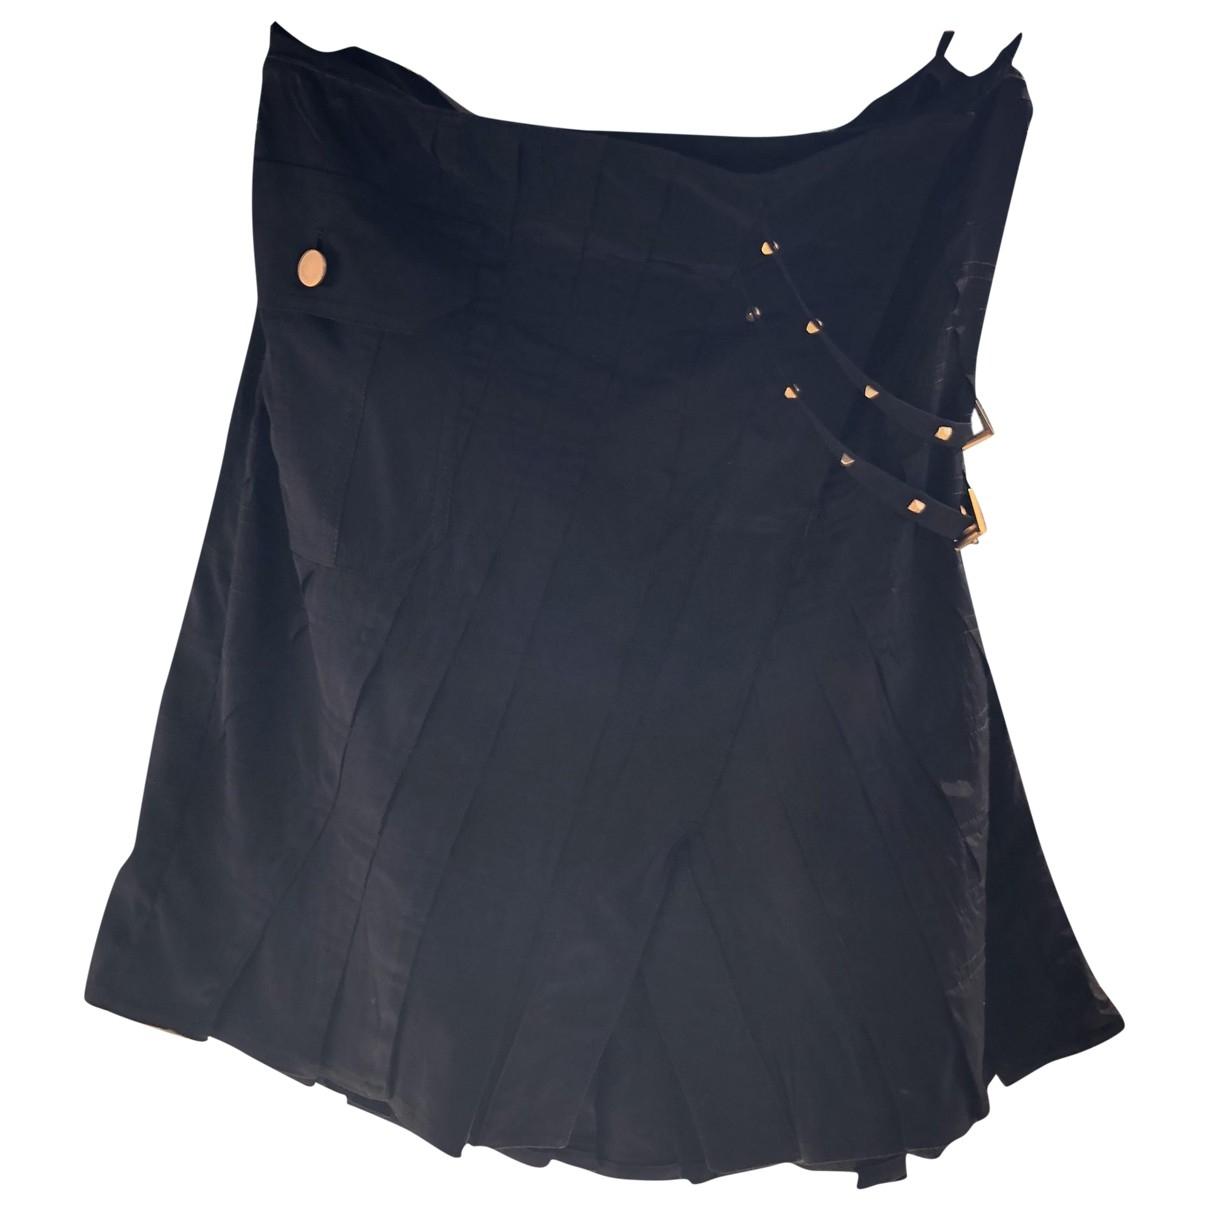 Gucci \N Black Silk skirt for Women S International